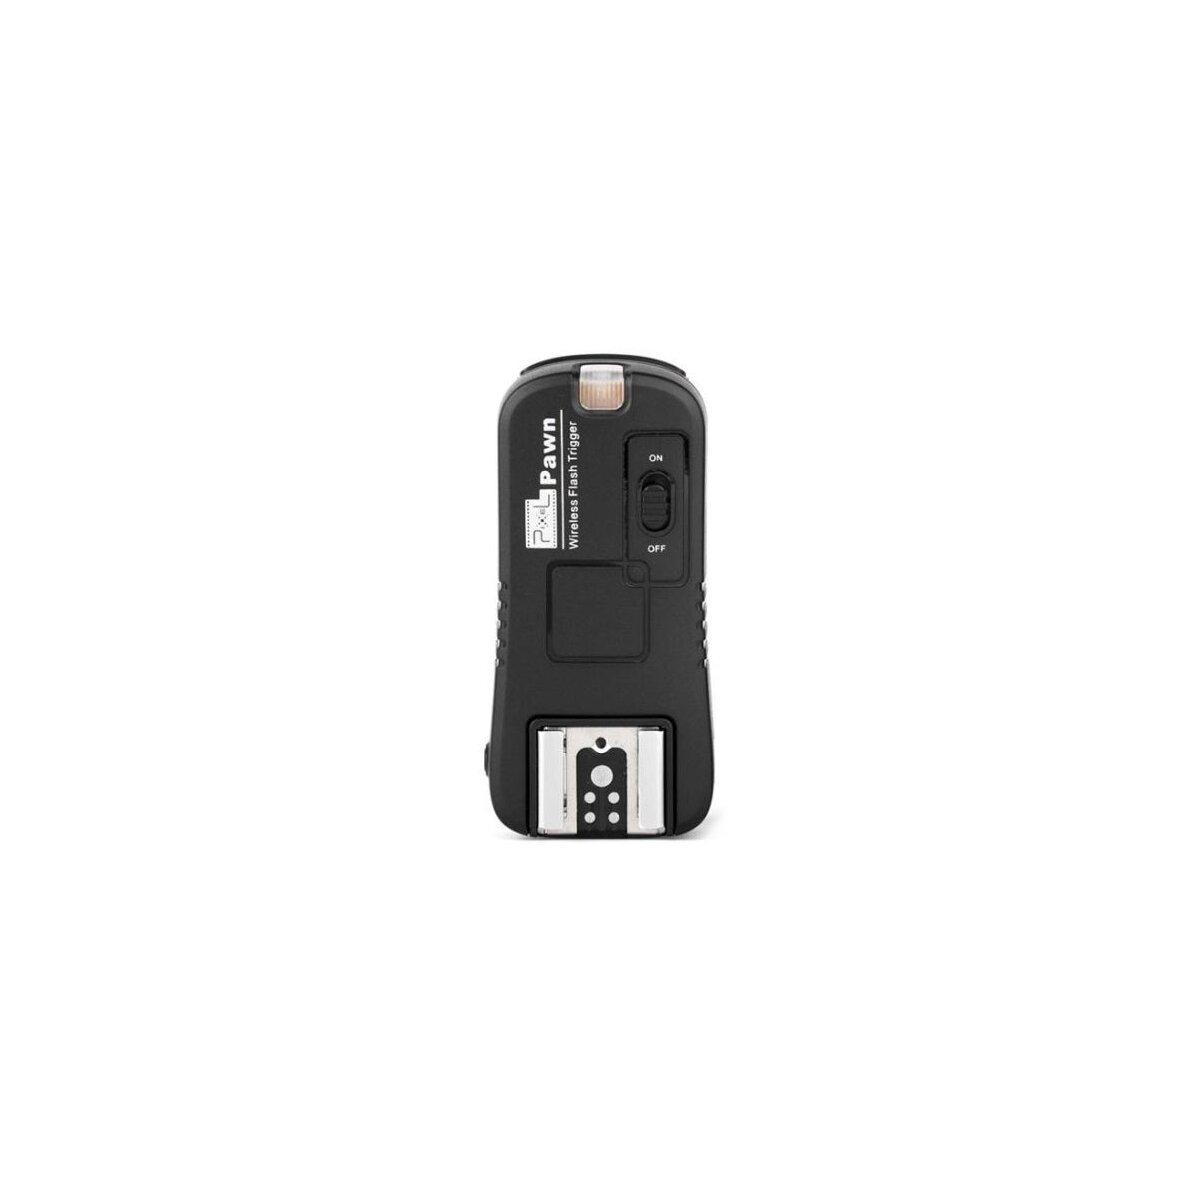 Zusatzempfaenger bis ca. 100m fuer Pixel Pawn TF-361 Set Canon – Wake Up Funktion – TF-361RX